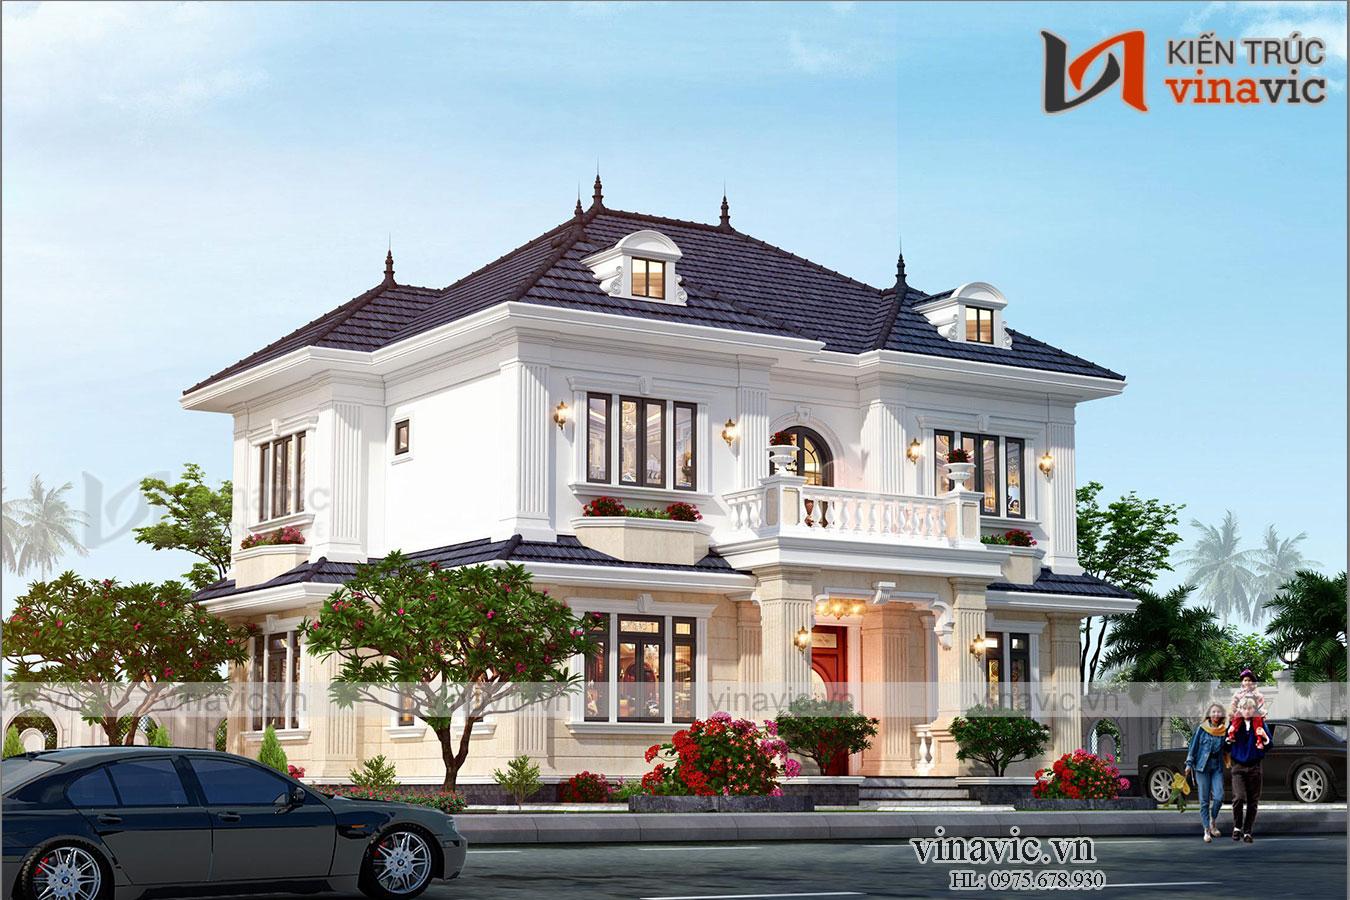 Biệt thự nhà vuông 2 tầng 160m2 tân cổ điển ở Bắc Ninh BT2004